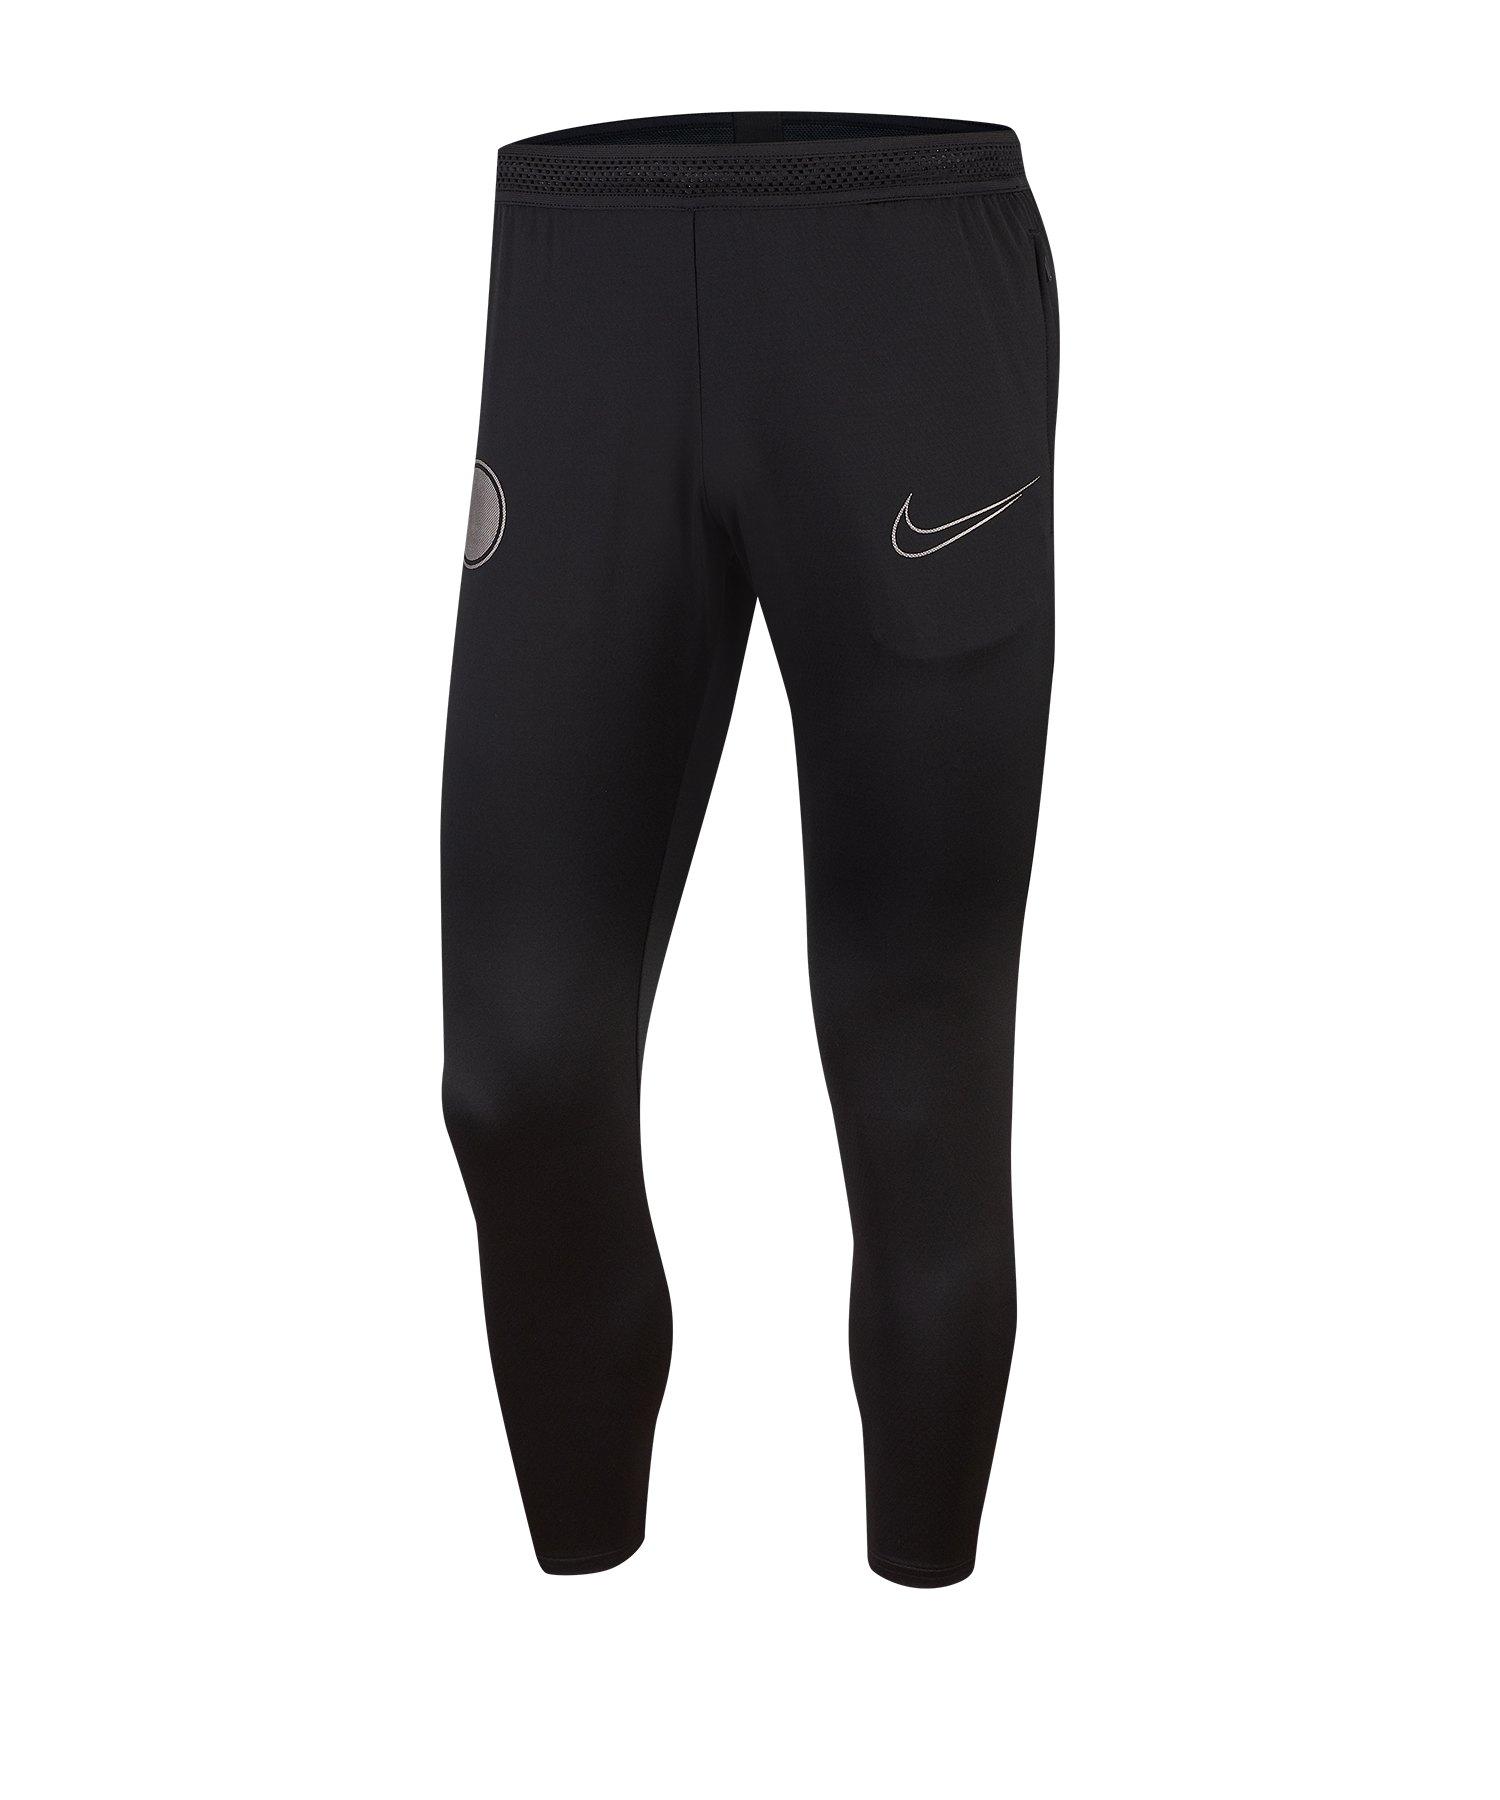 Nike Flex Strike Aero Trainingshose Schwarz F010 - schwarz